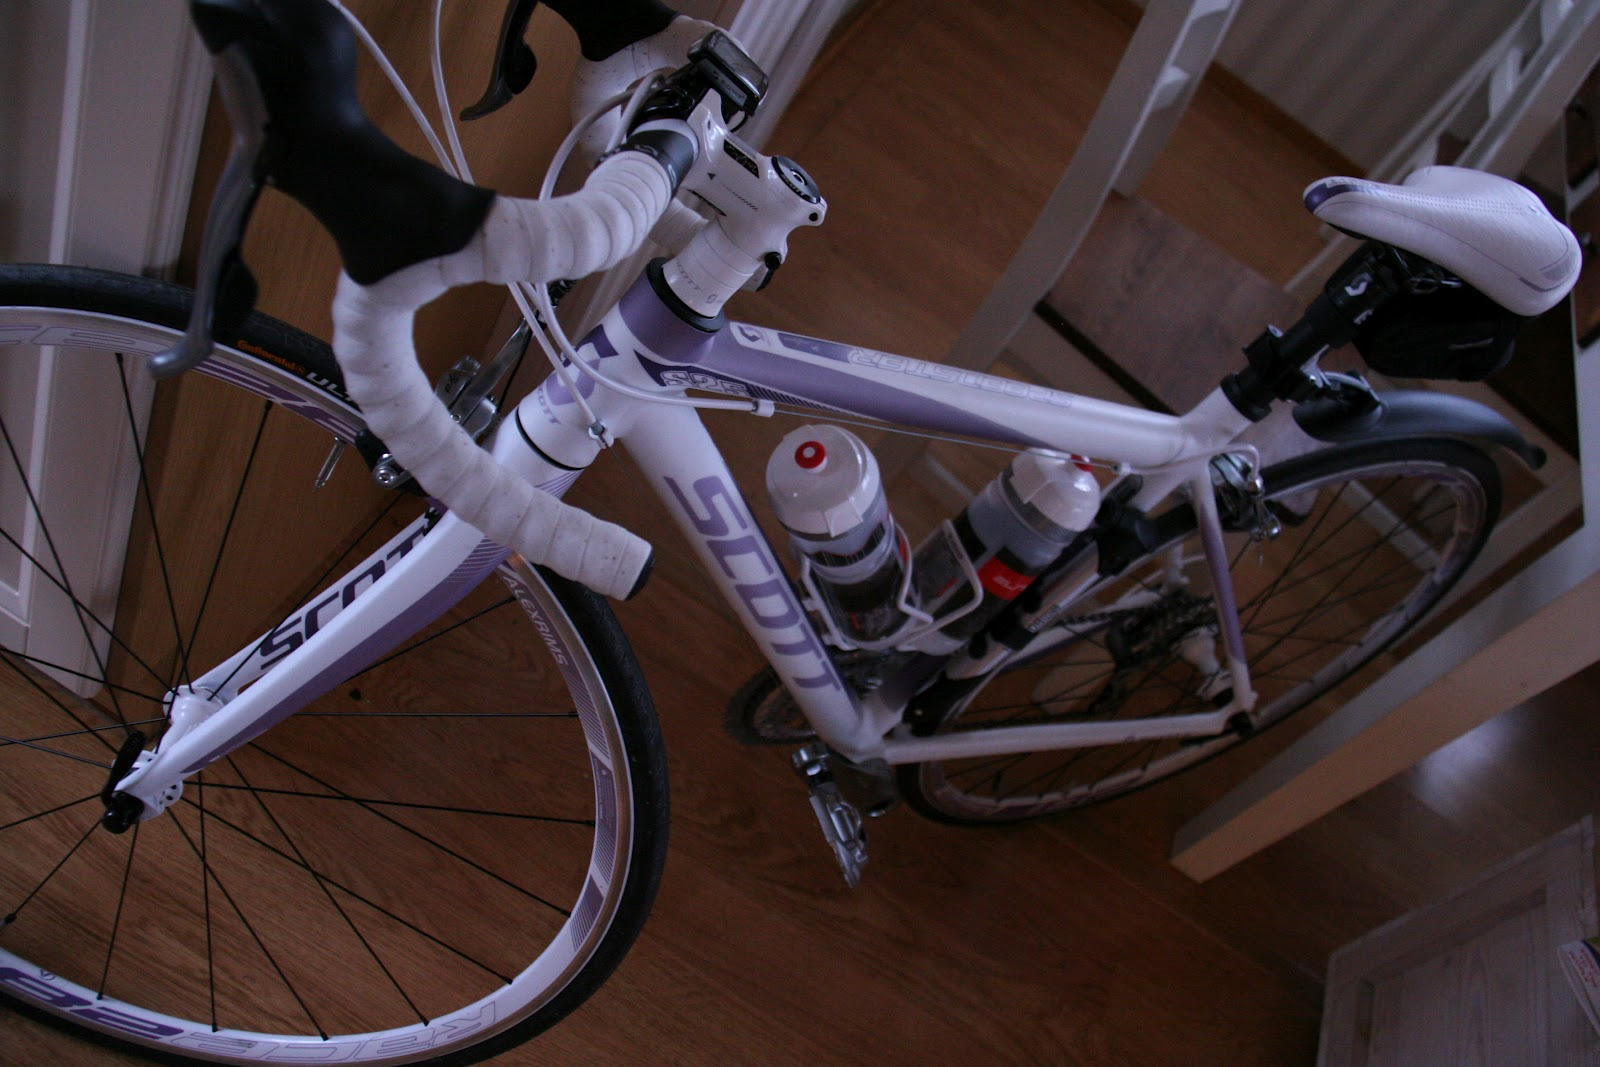 Kuvat on otettu iltahämärissä. Pyörän väri on valkea ja lila  ) c78efb9701